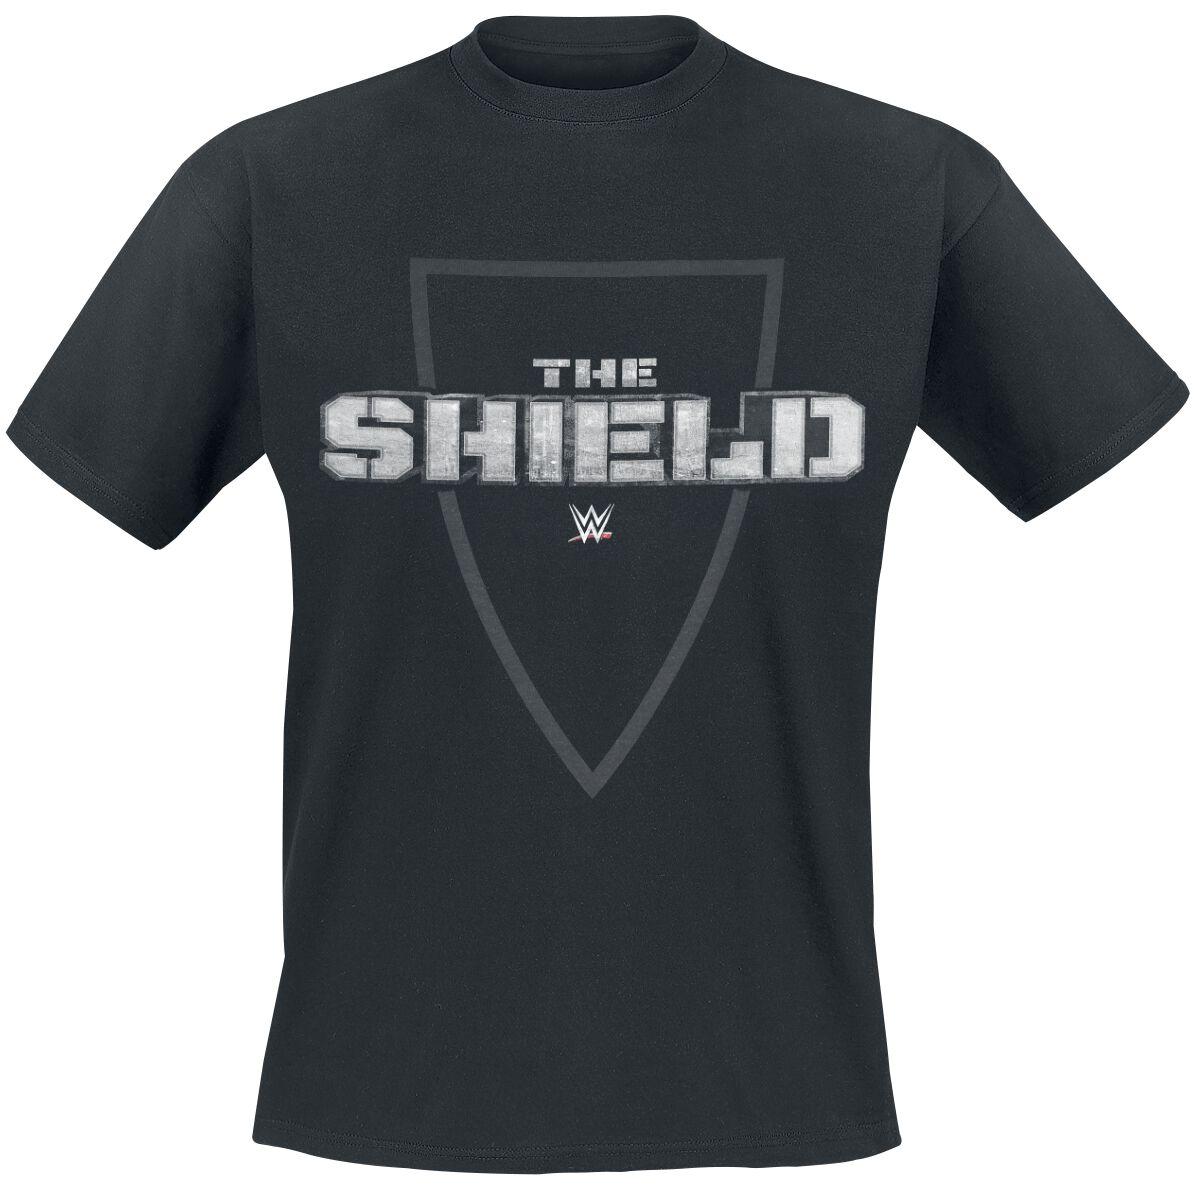 Merch dla Fanów - Koszulki - T-Shirt WWE The Shield T-Shirt czarny - 376800